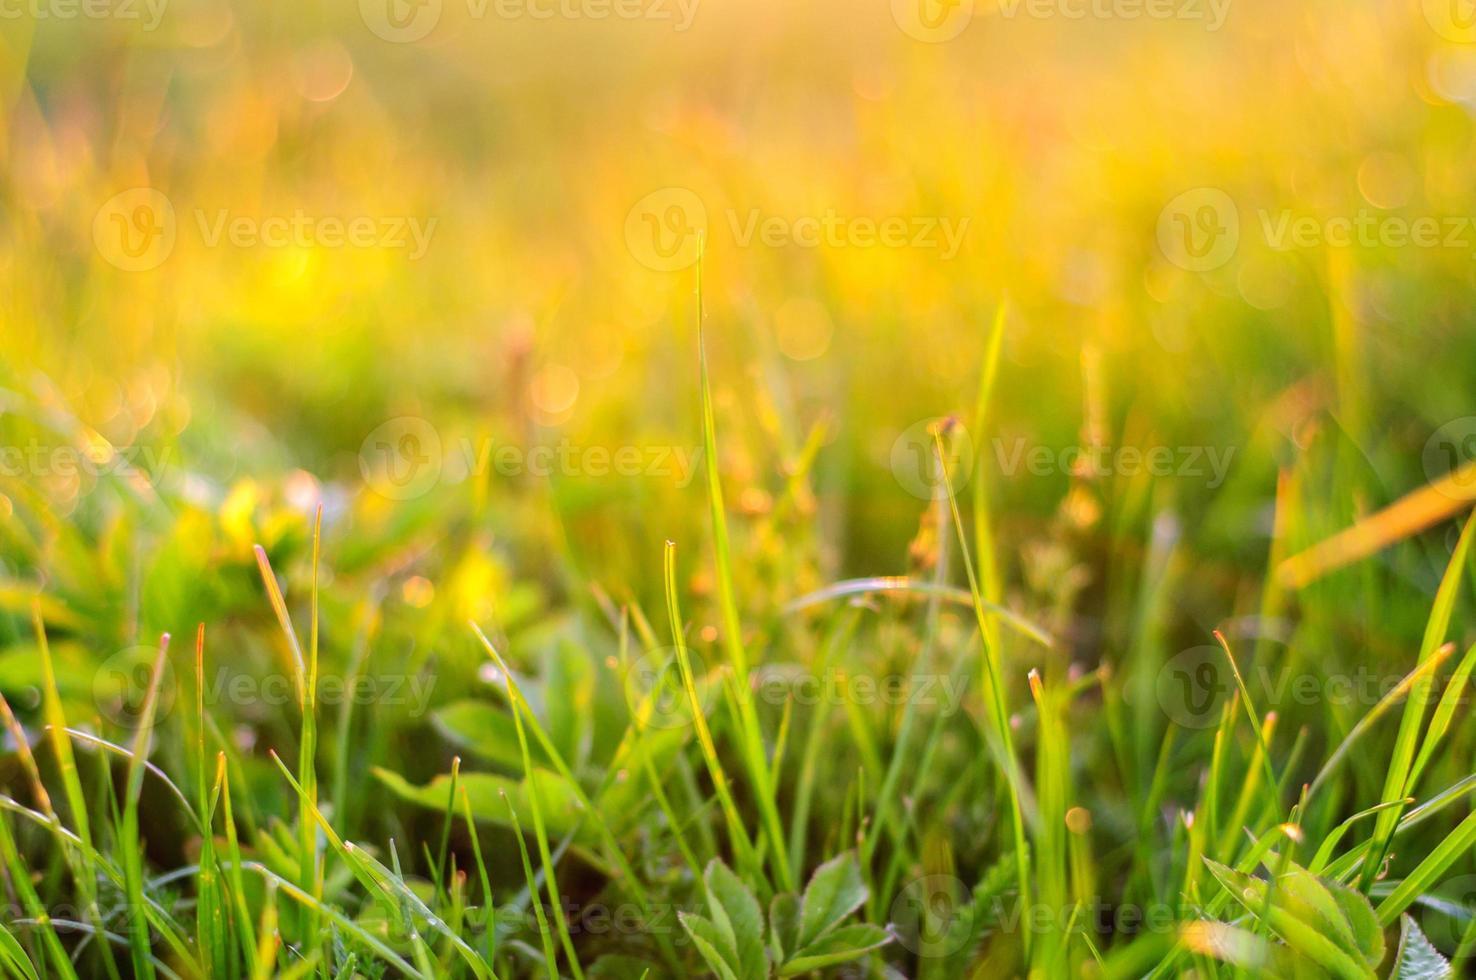 sfondo della natura con erba al tramonto foto